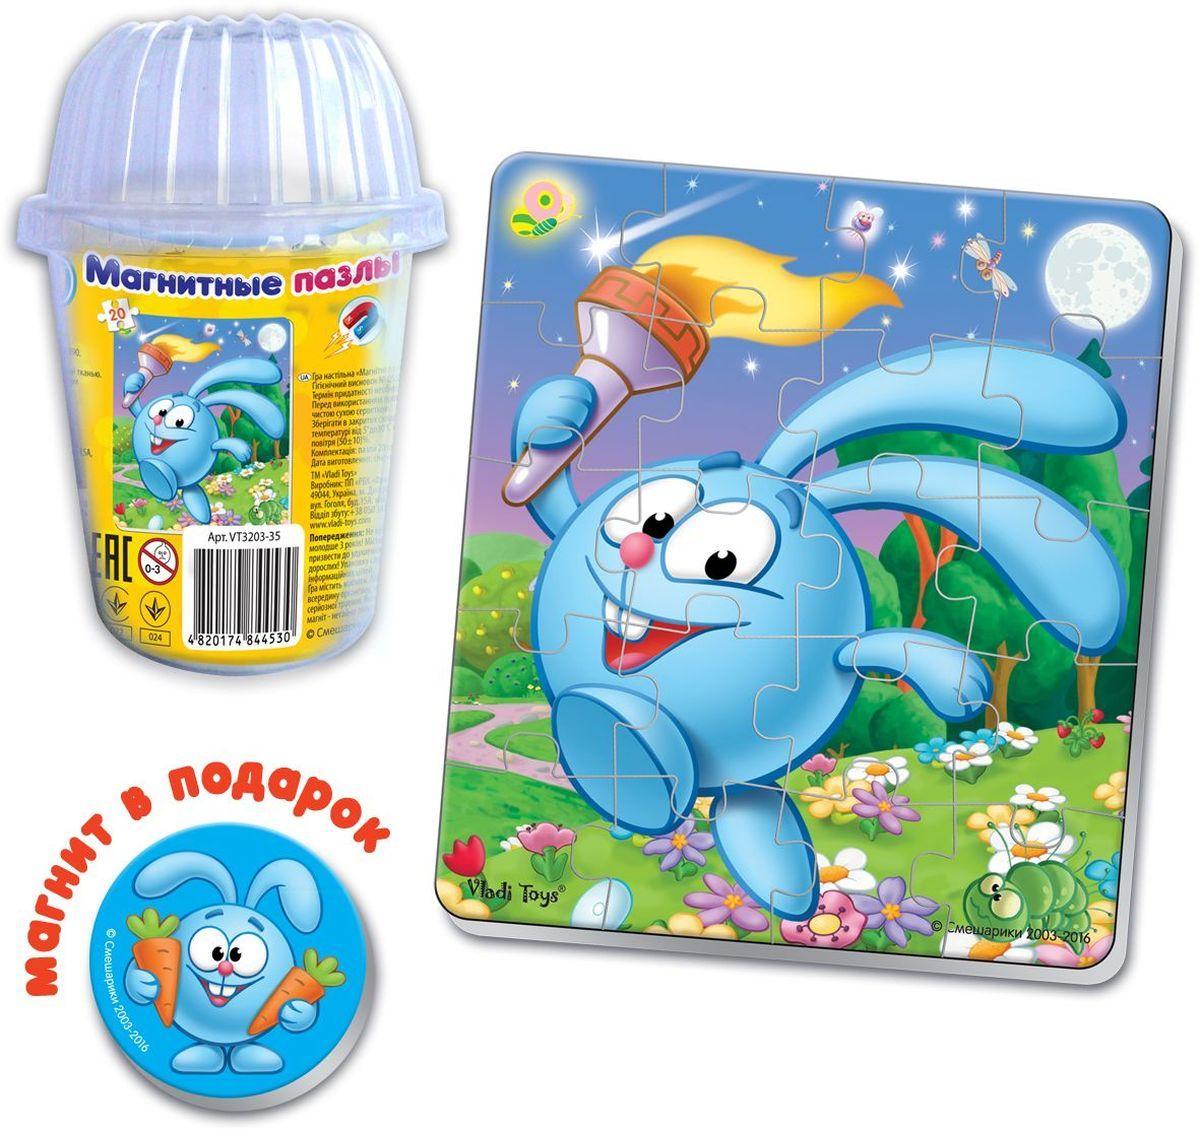 Купить Мягкие магнитные пазлы в стакане - Смешарики Крош, Vladi Toys